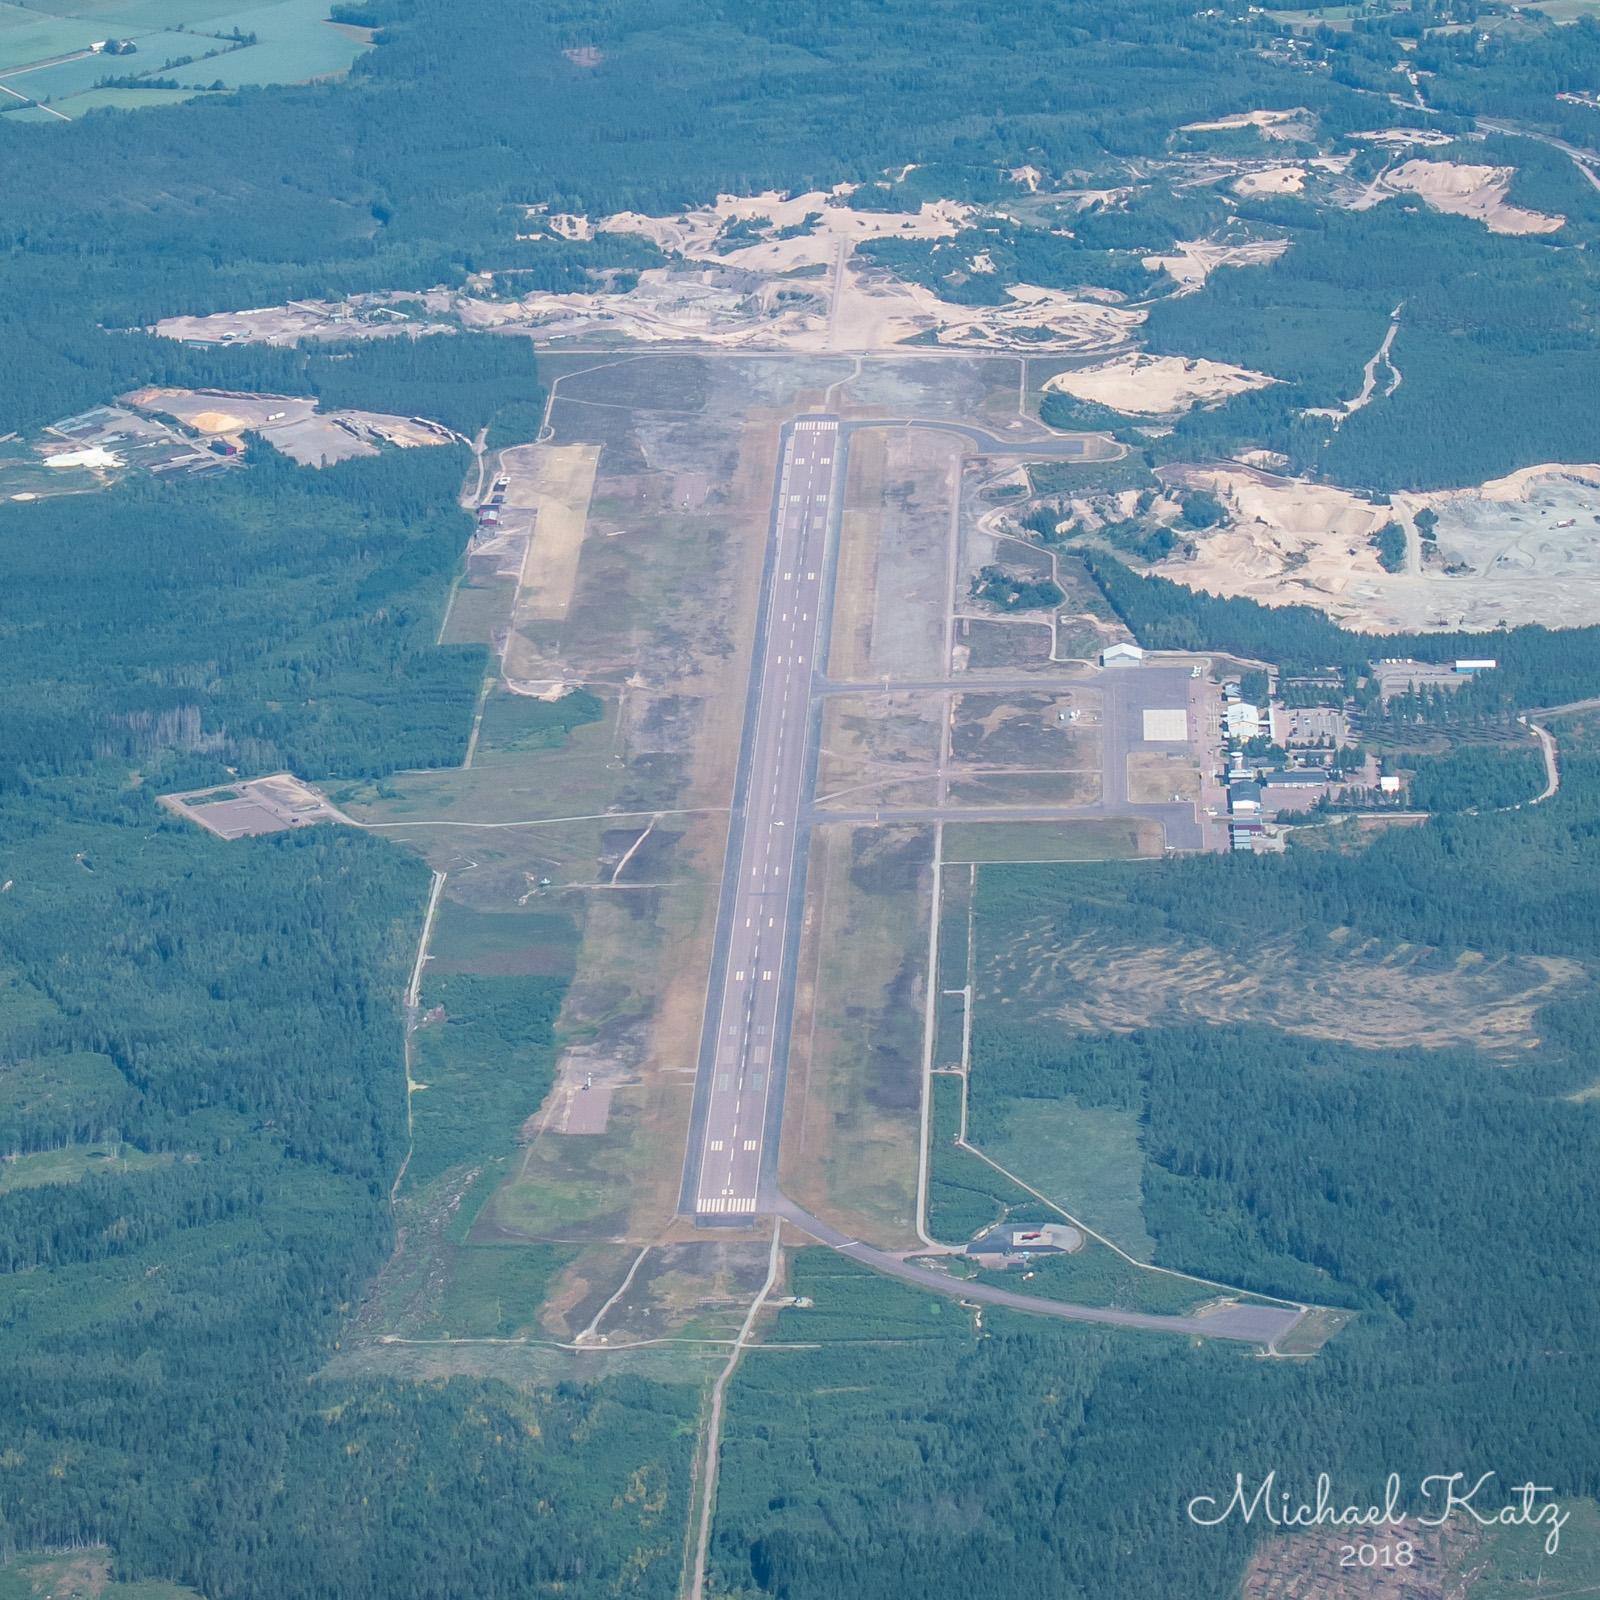 Passering over Karlstad Flygplats på vei til Linköping. Det er et lite fly på vei inn på banen.